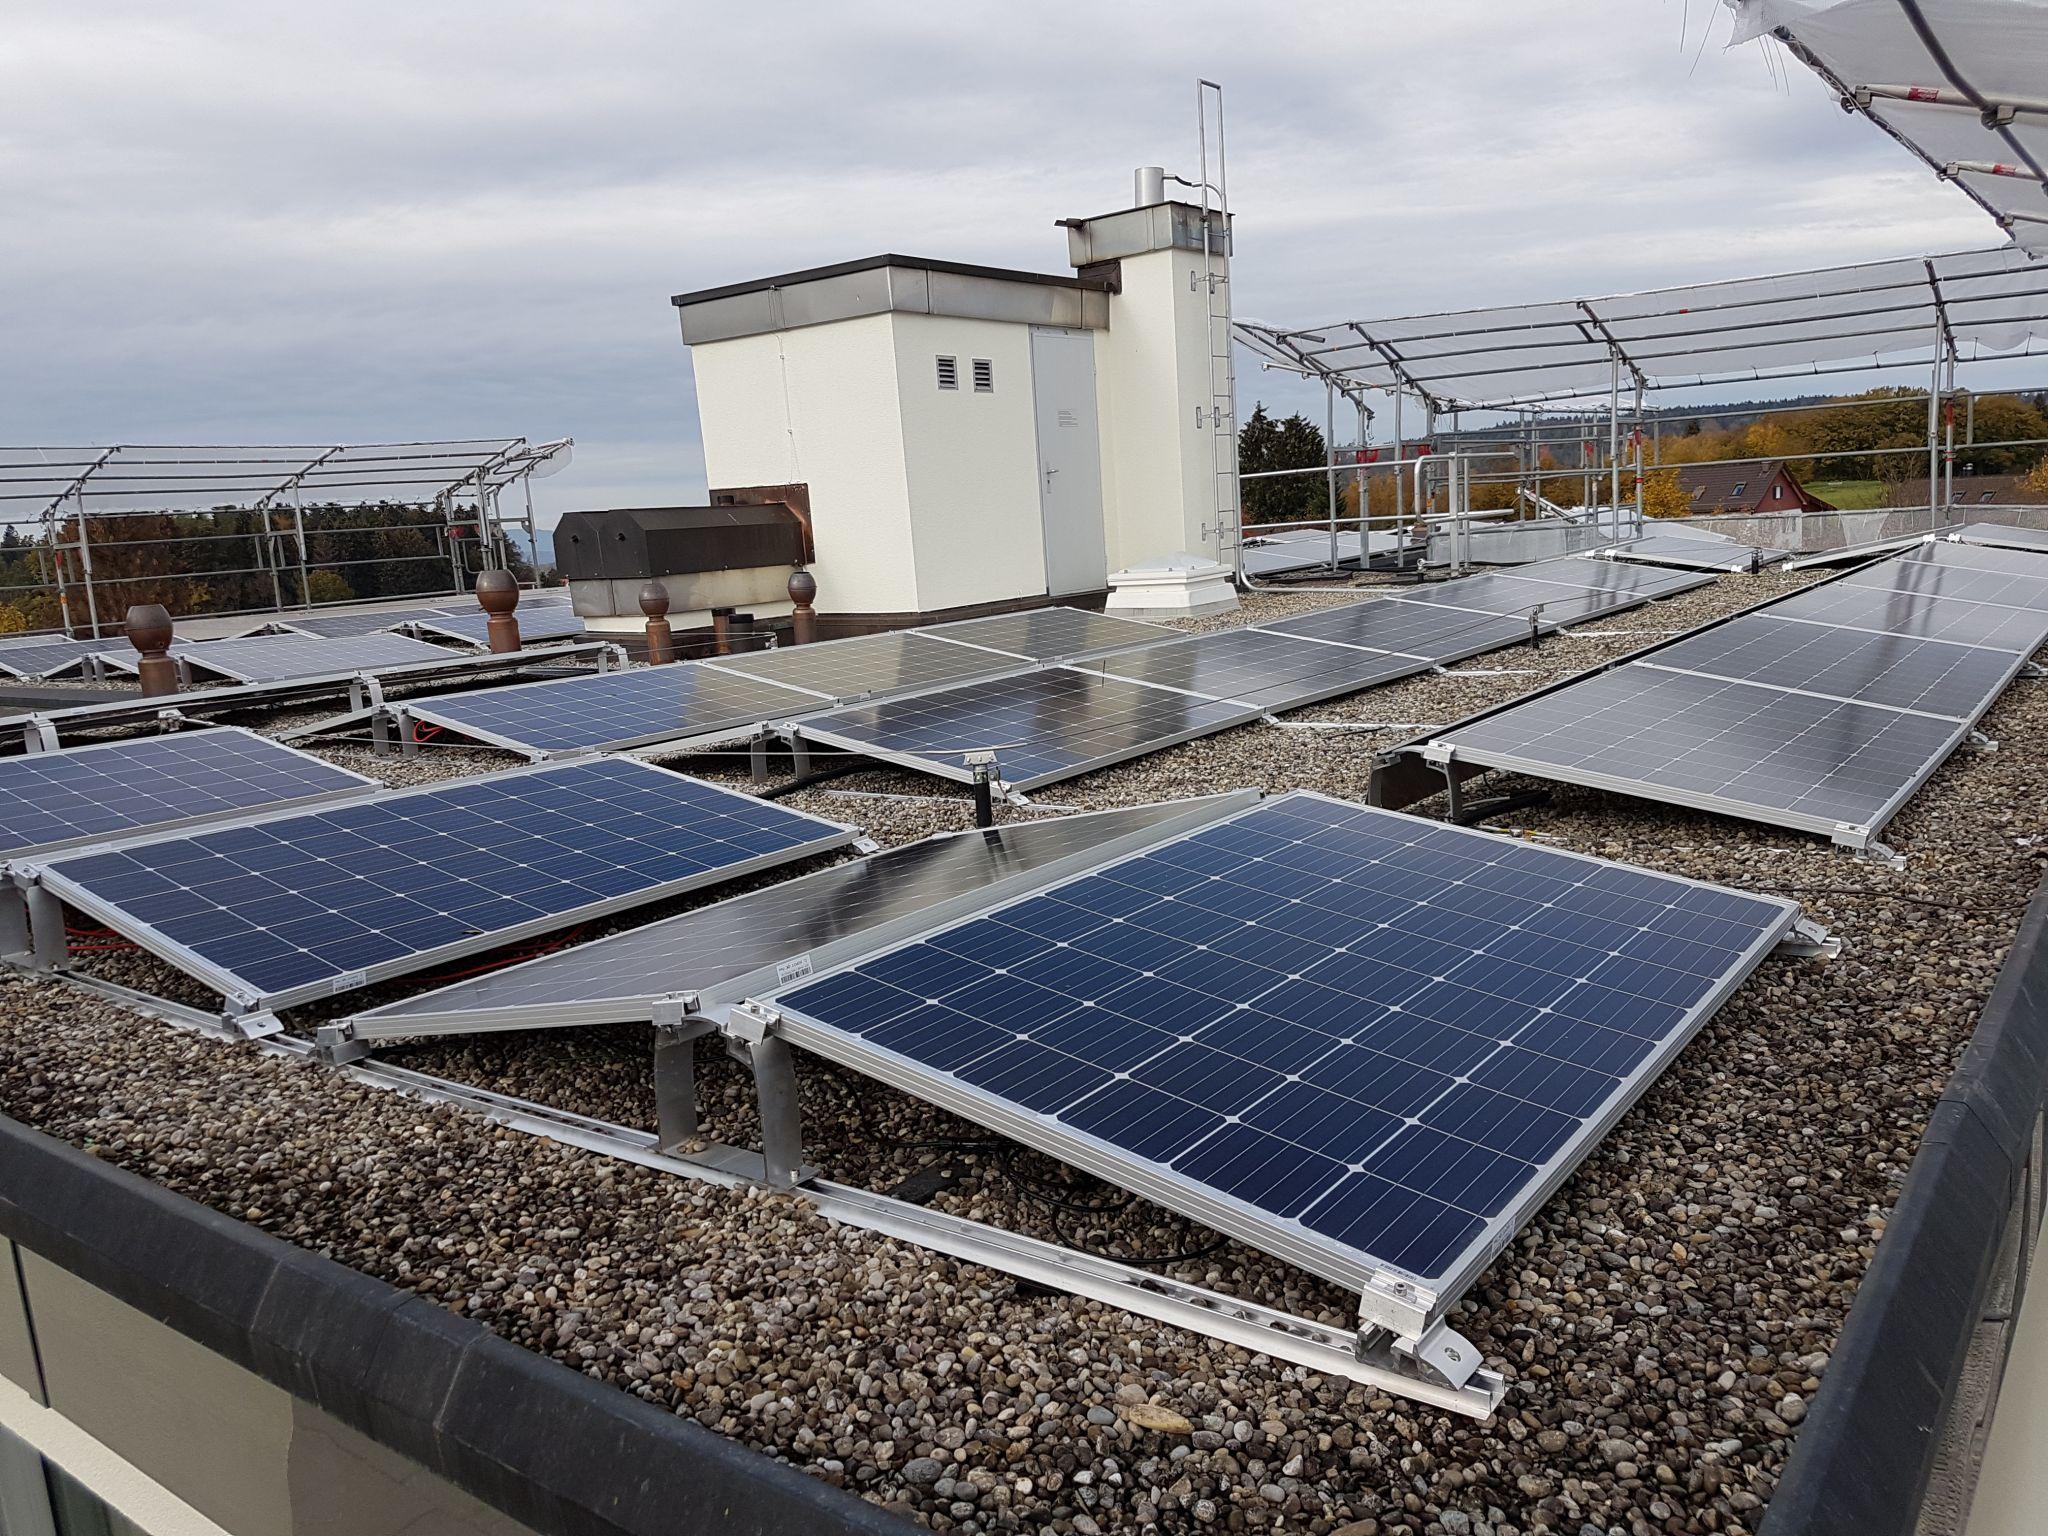 Solargenossenschaft In der Gand 33 Zumikon